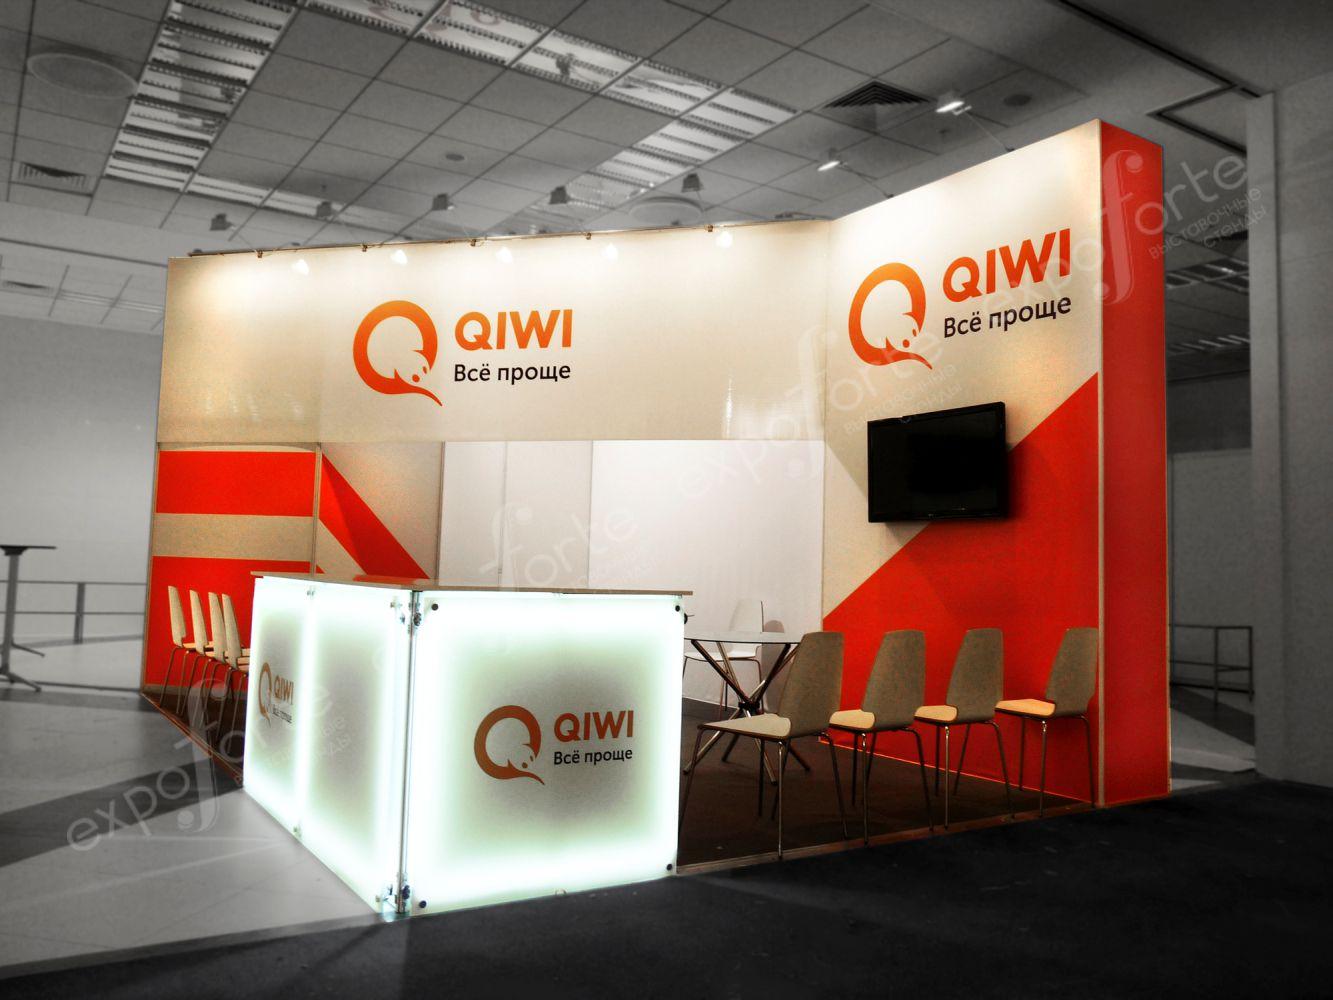 Фото: QIWI, выставка ЛОМ – картинка 1